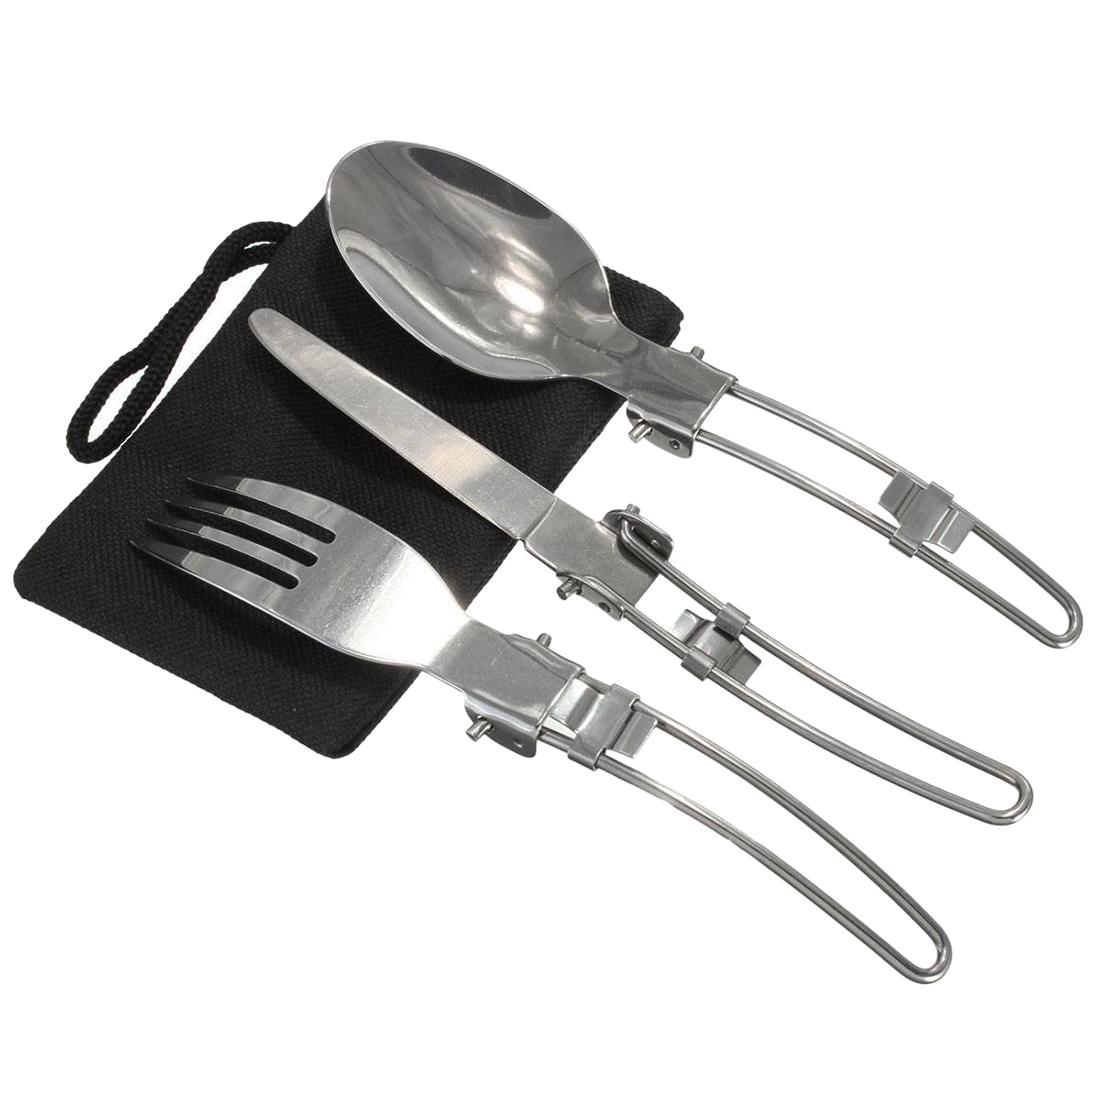 acier inoxydable pliable couteau fourchette cuillere. Black Bedroom Furniture Sets. Home Design Ideas